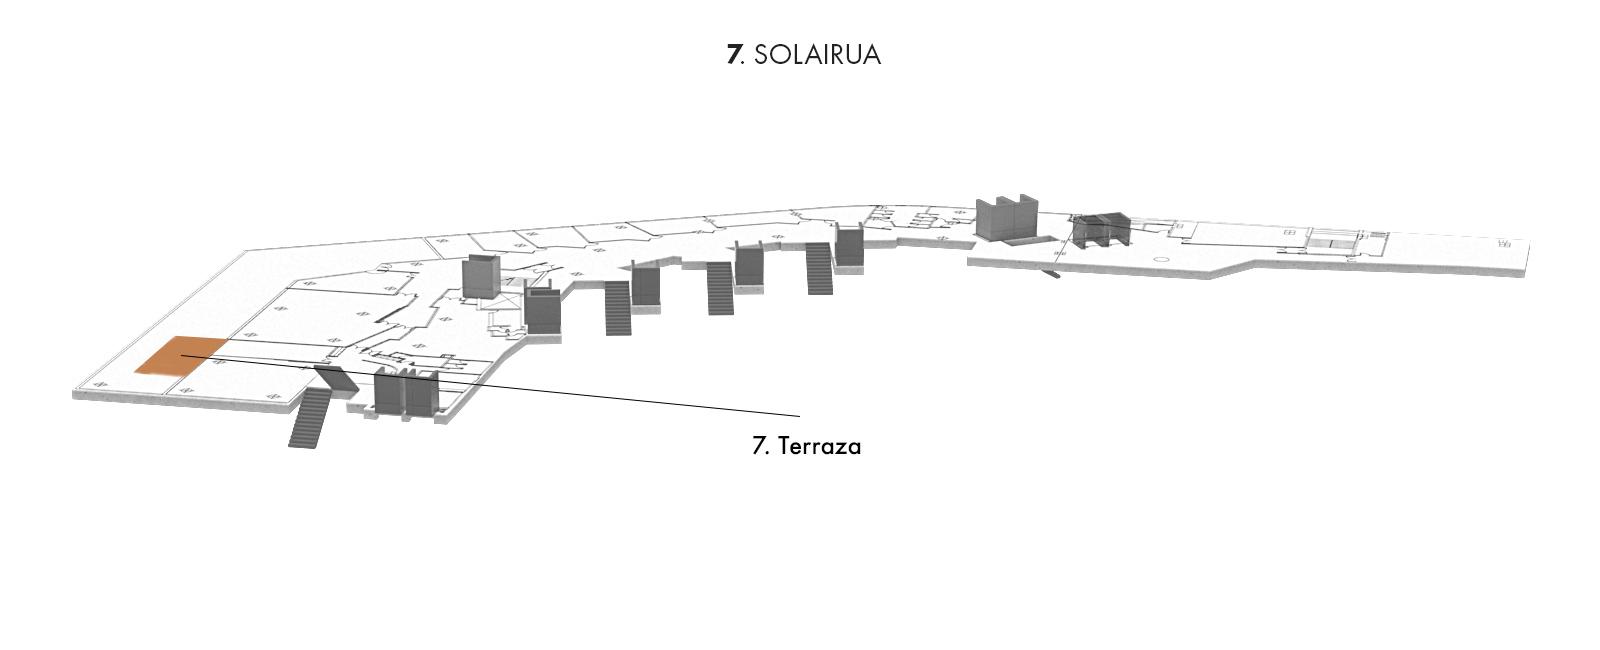 7. Terraza, 7. solairua   Palacio Euskalduna Jauregia